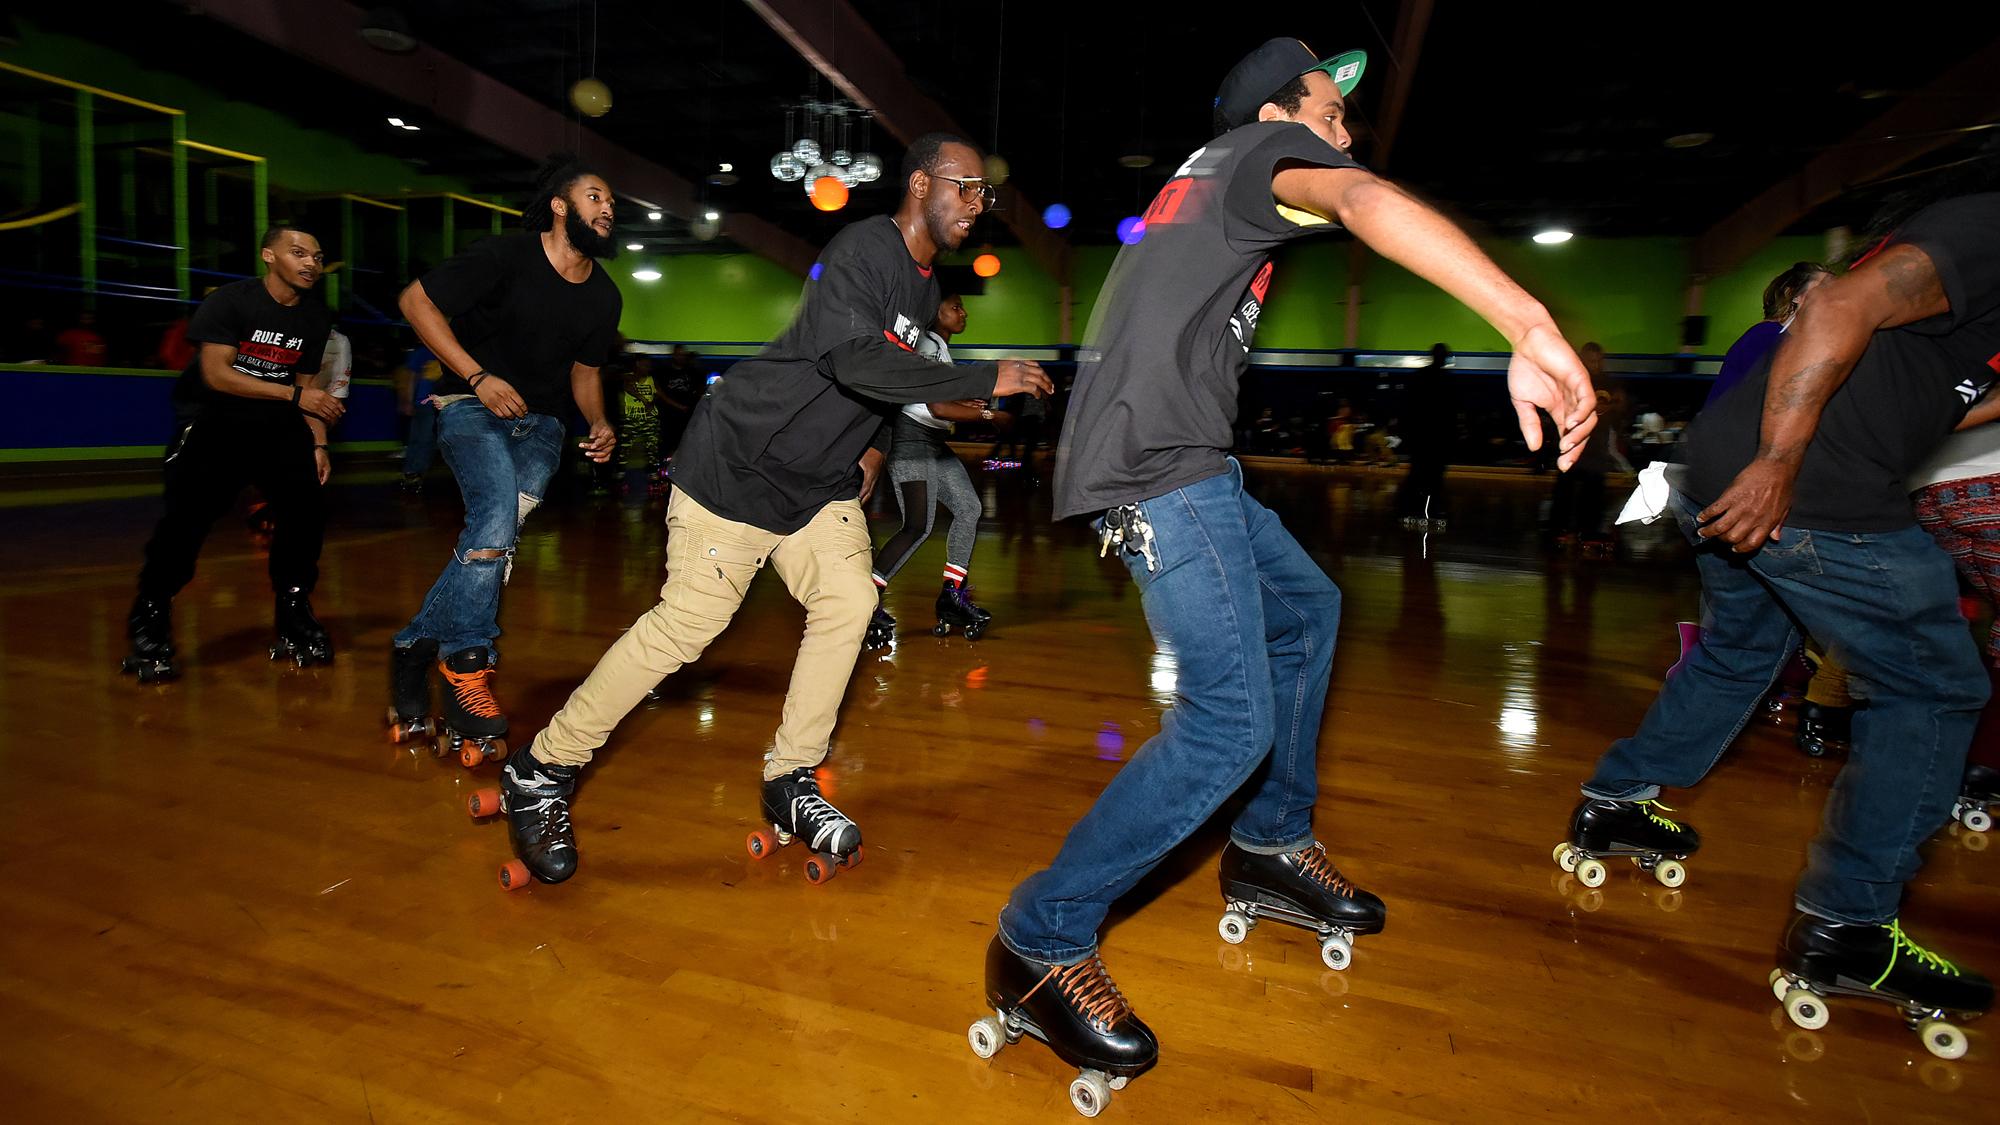 ciaa-old-school-skate-party_22975173.jpg